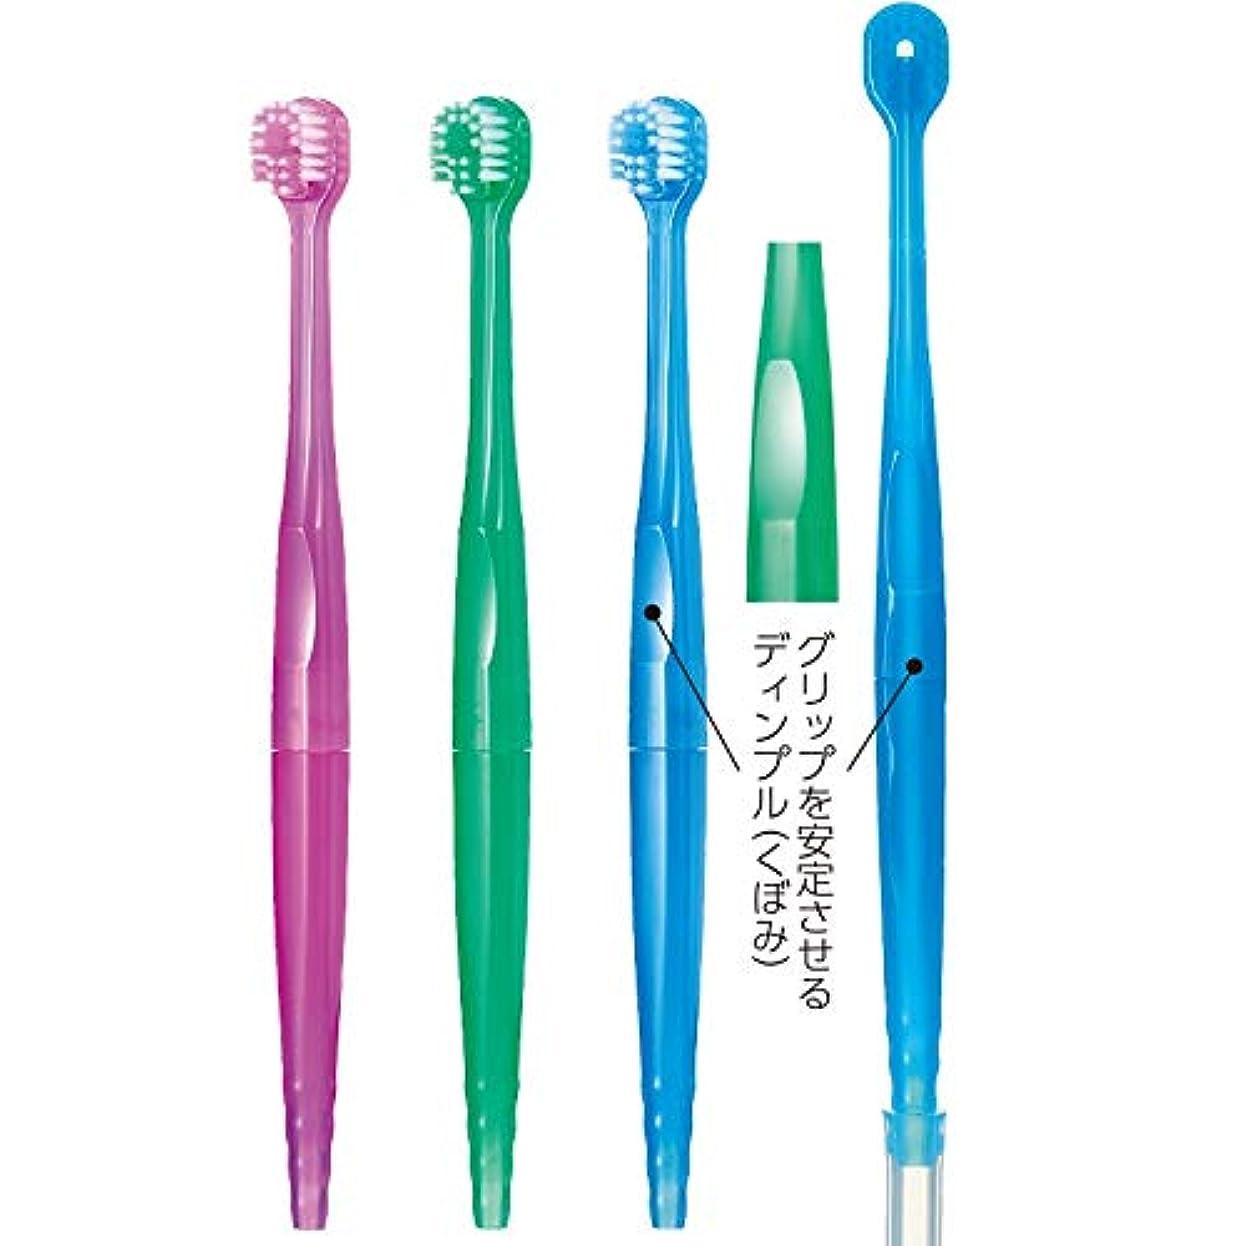 に証言百Ci Qin歯ブラシ(吸引歯ブラシ) /12本